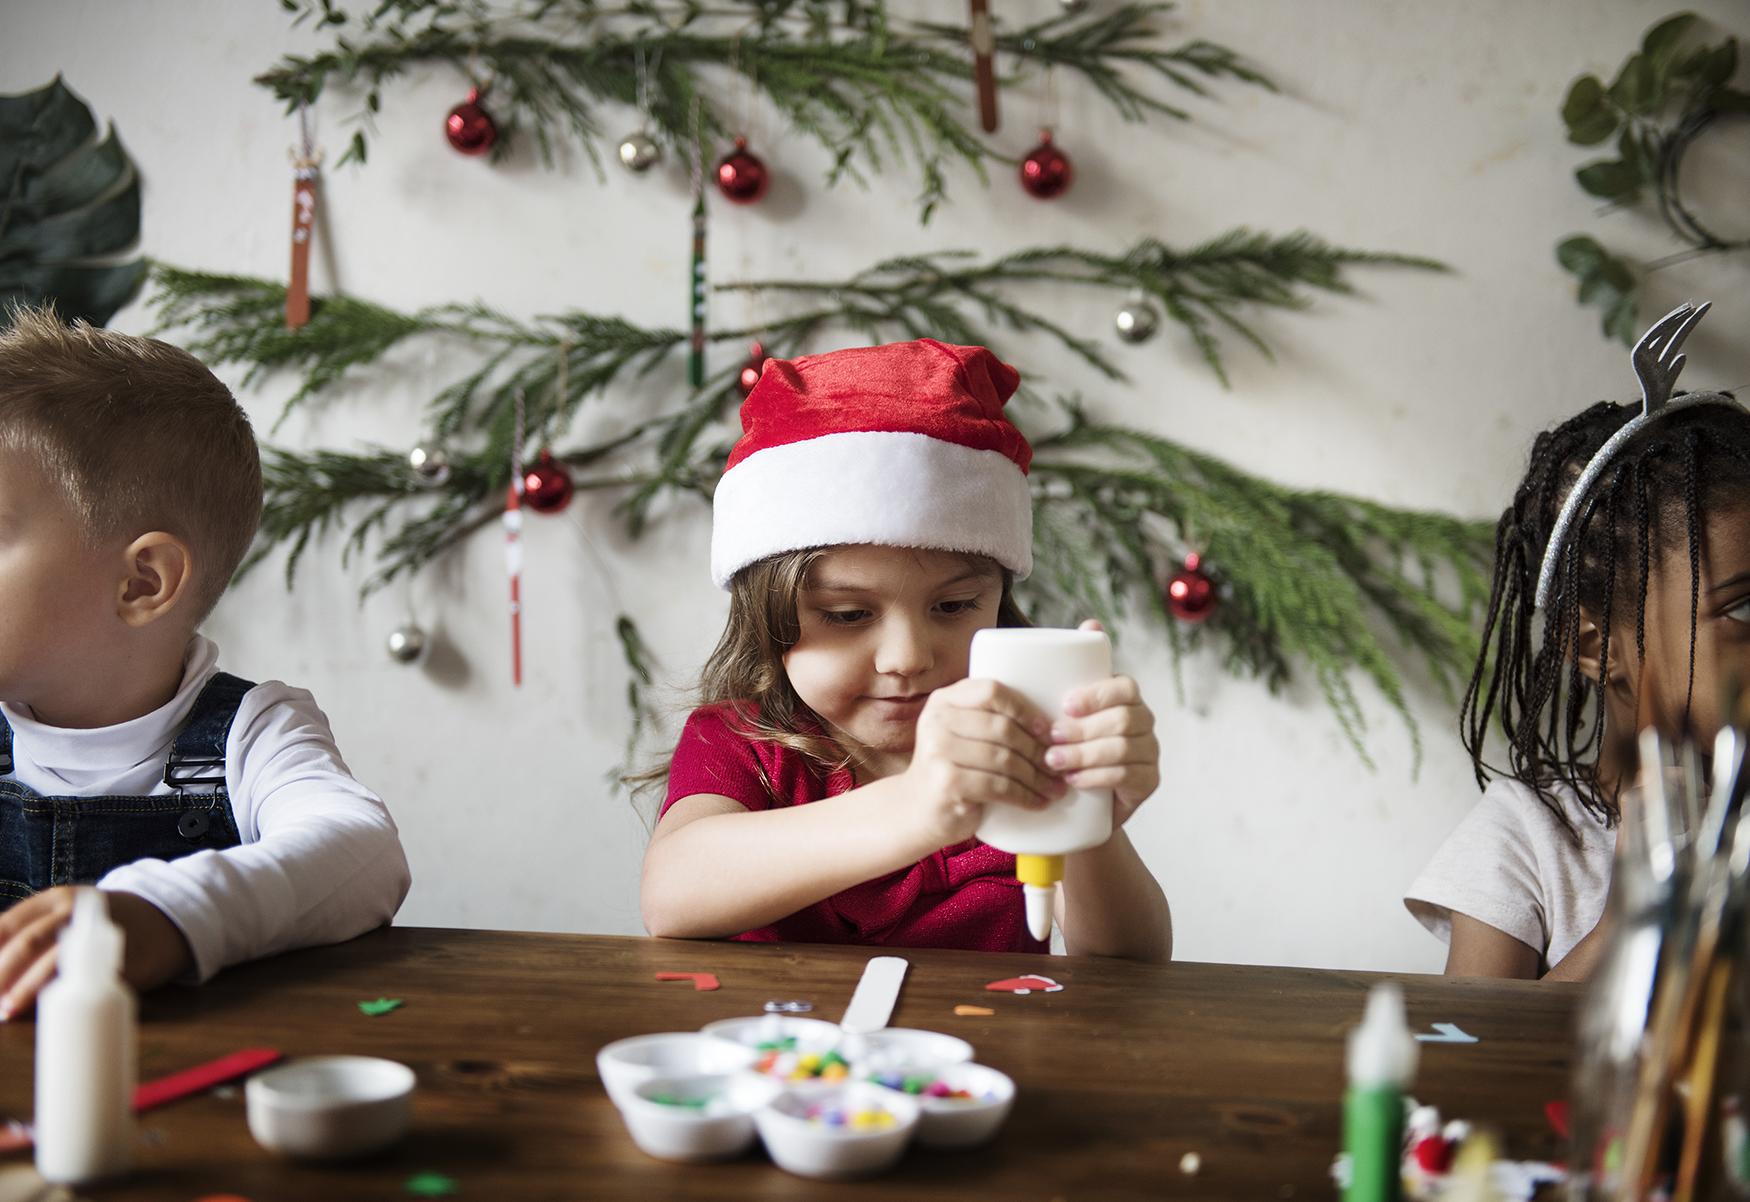 Lavoretti Di Natale Con Babbo Natale.Lavoretti Creativi Natale Sviluppare Le Capacita Cognitive Dei Piu Piccoli